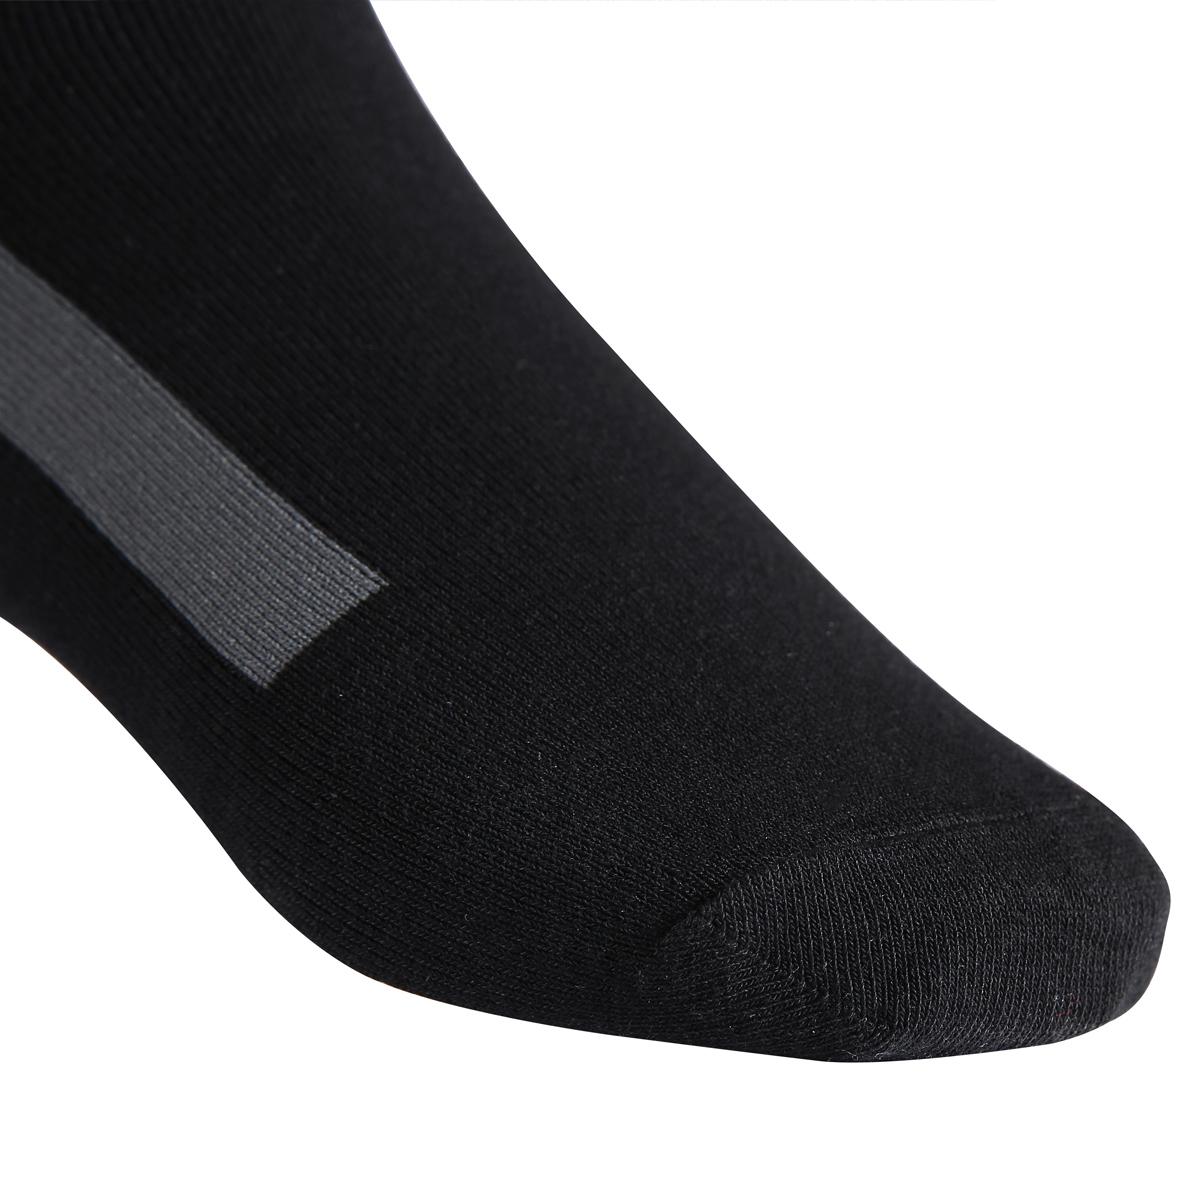 乔丹百尚新款男子时尚休闲袜 透气吸汗中筒袜 四季跑步纯棉男袜